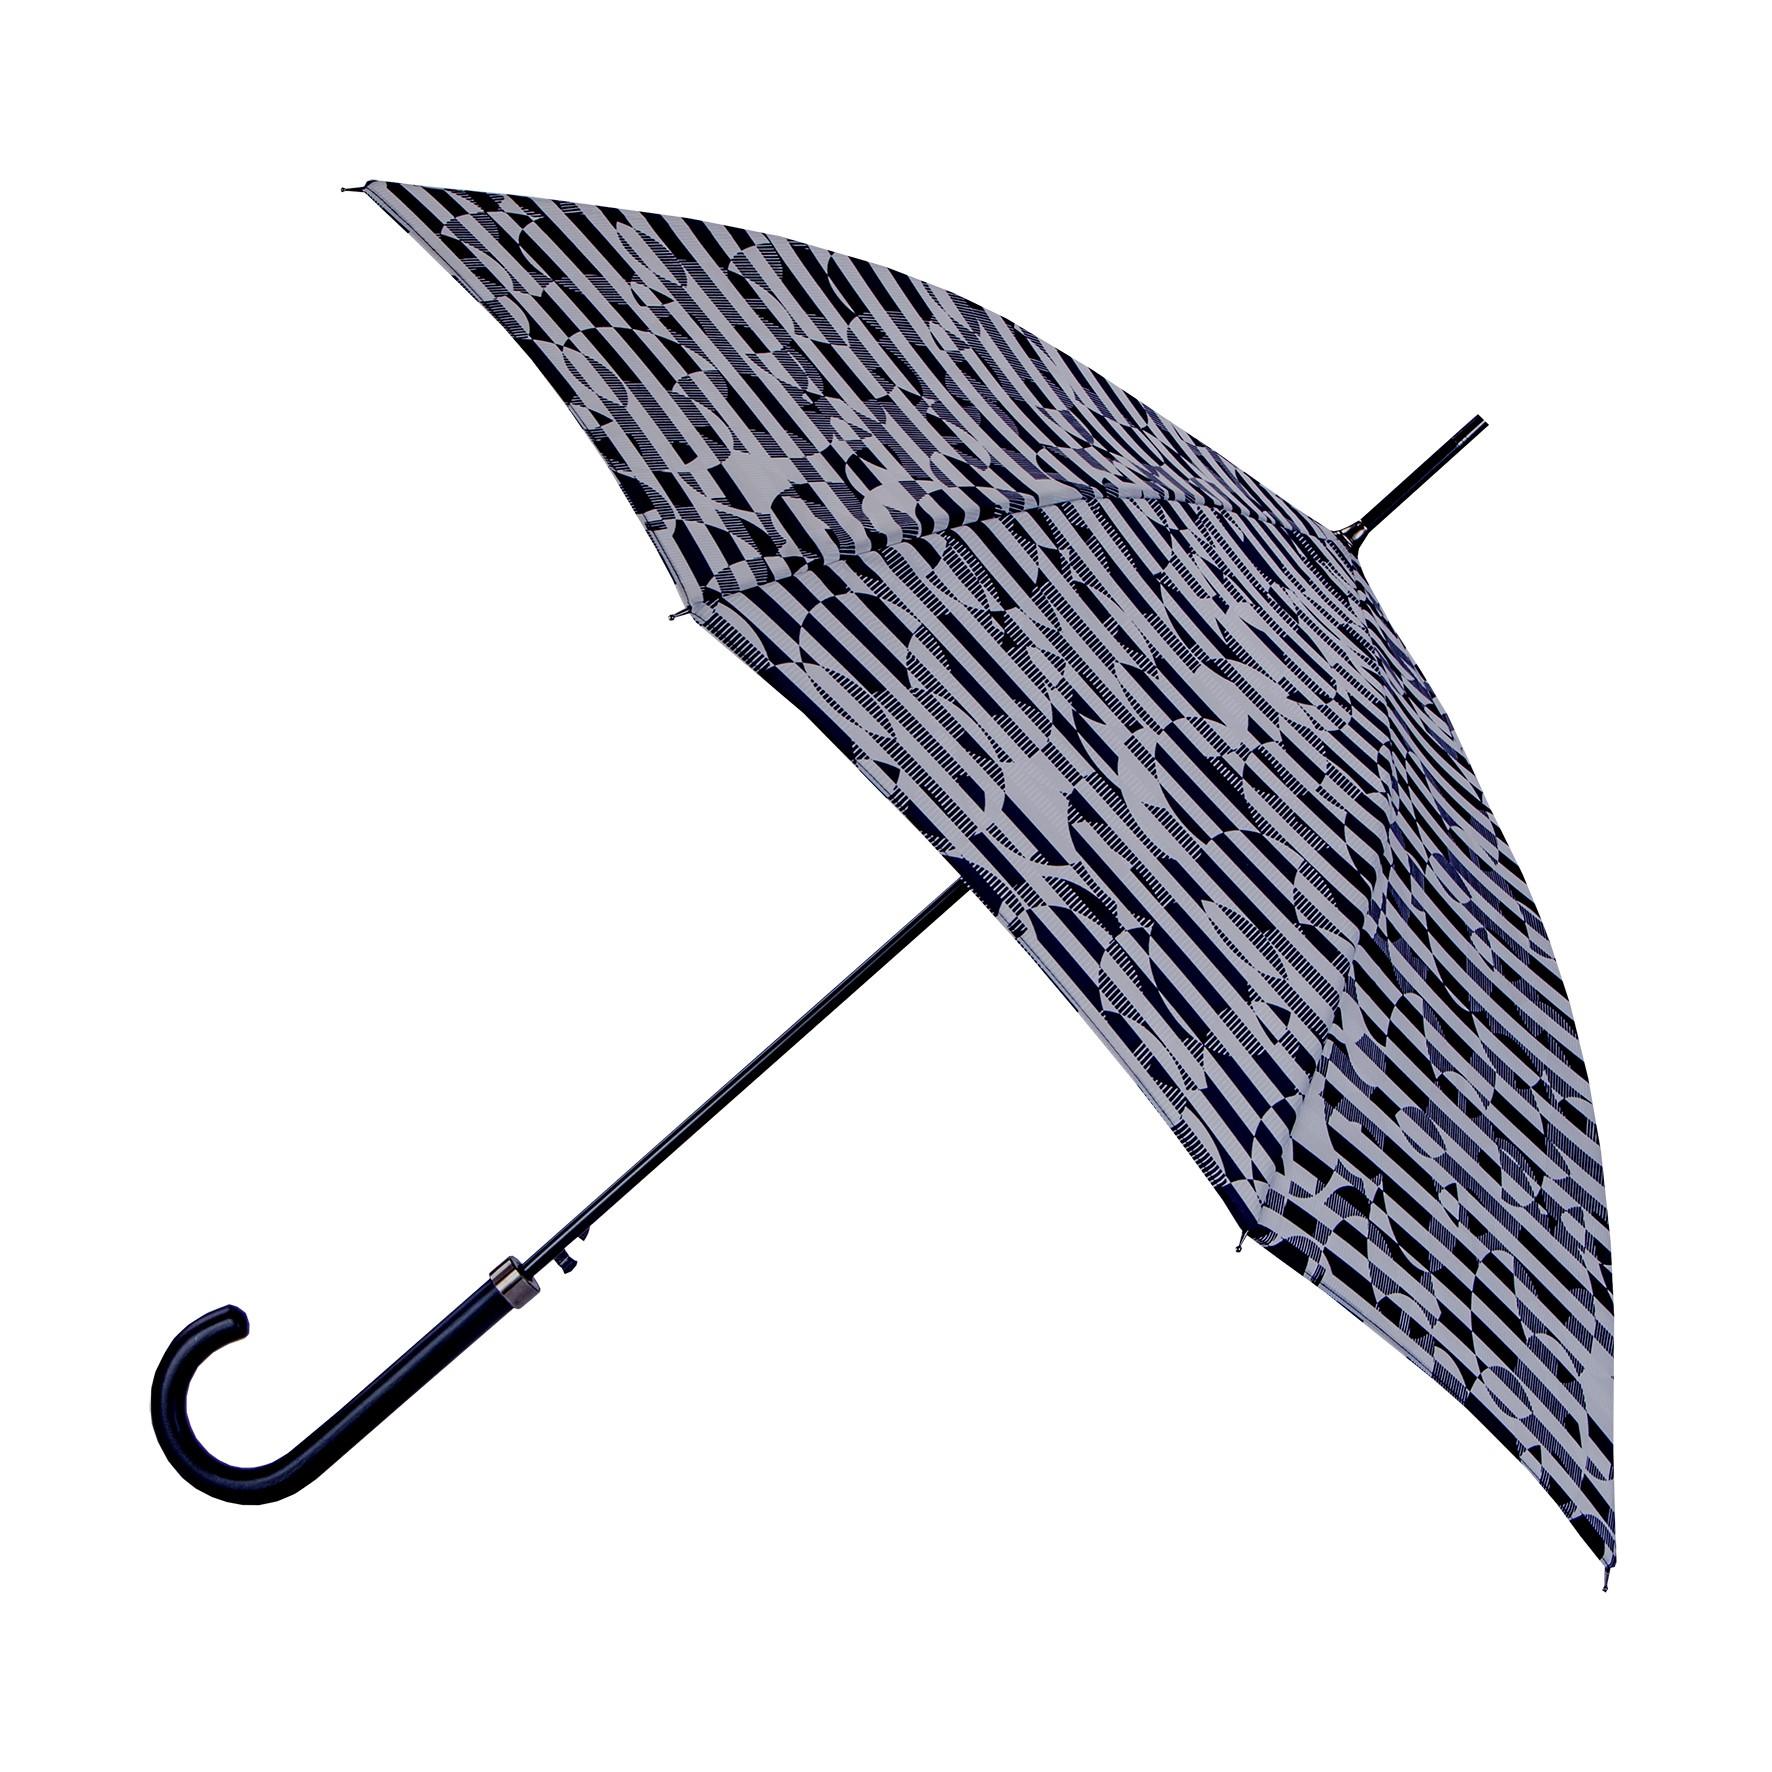 Porte Parapluie Maison Du Monde. Glasvase H Cm Copper With Porte ...